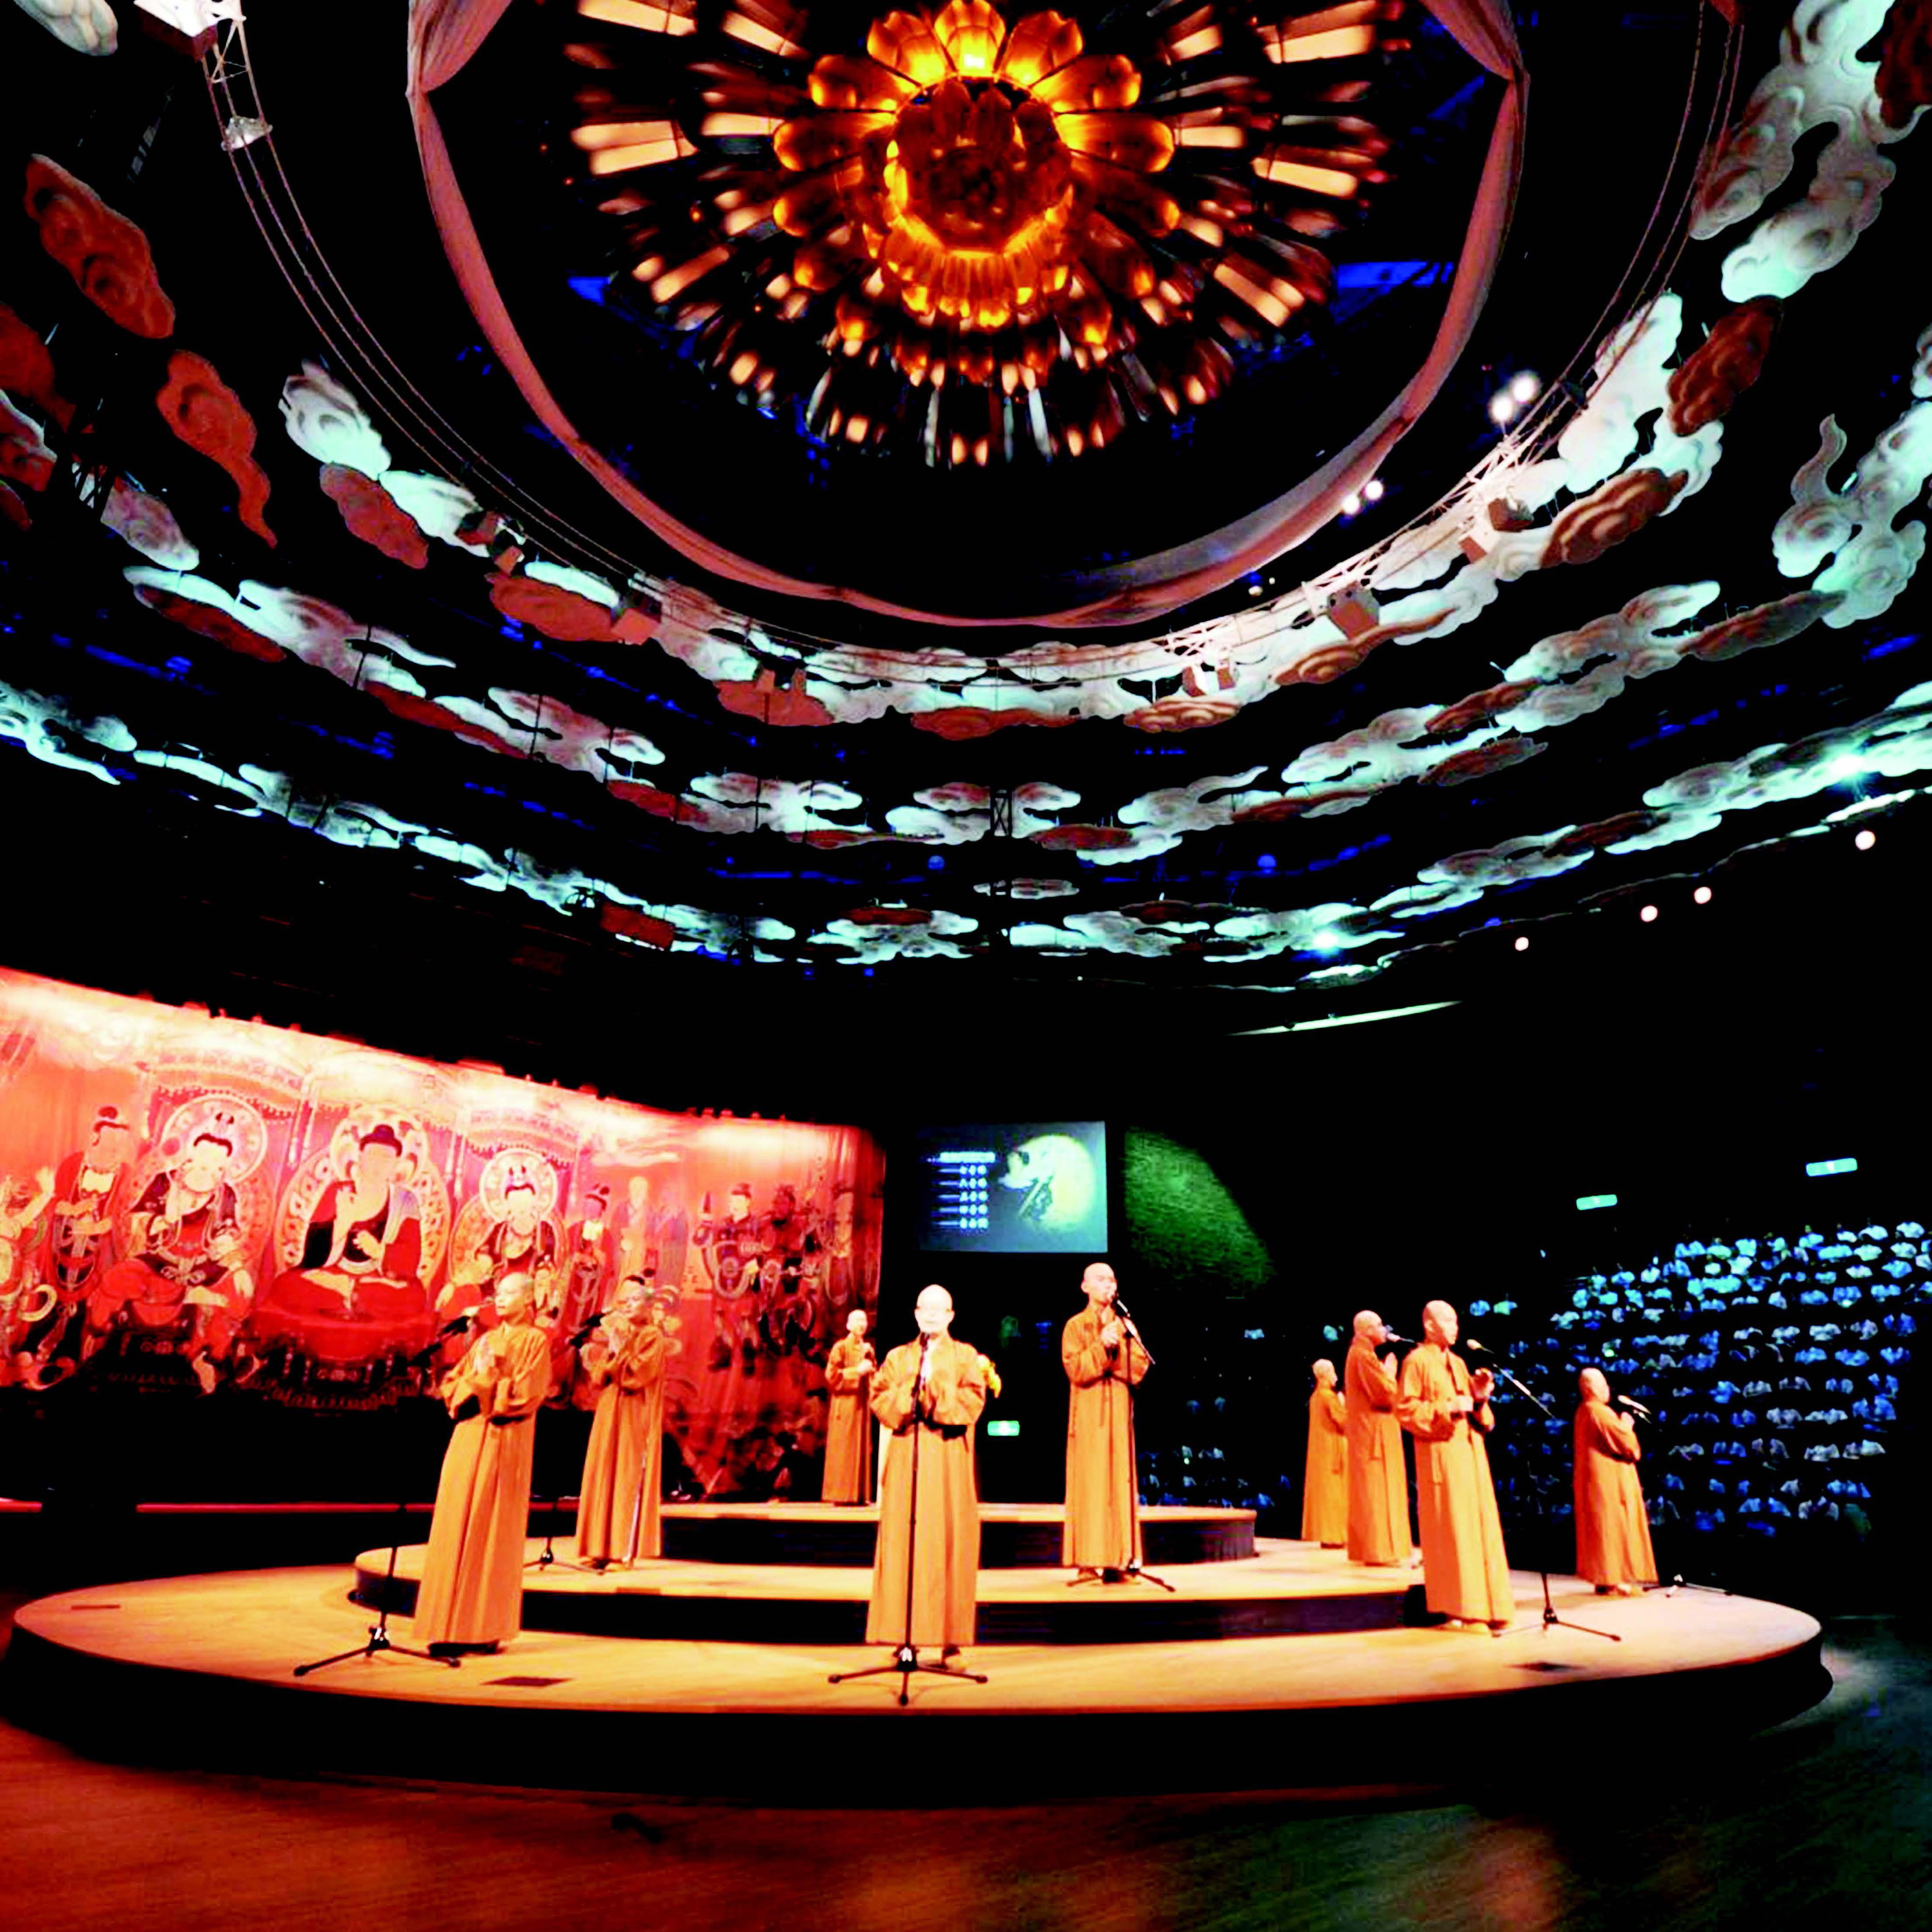 高雄佛光山佛陀纪念馆灯光控制系统解析